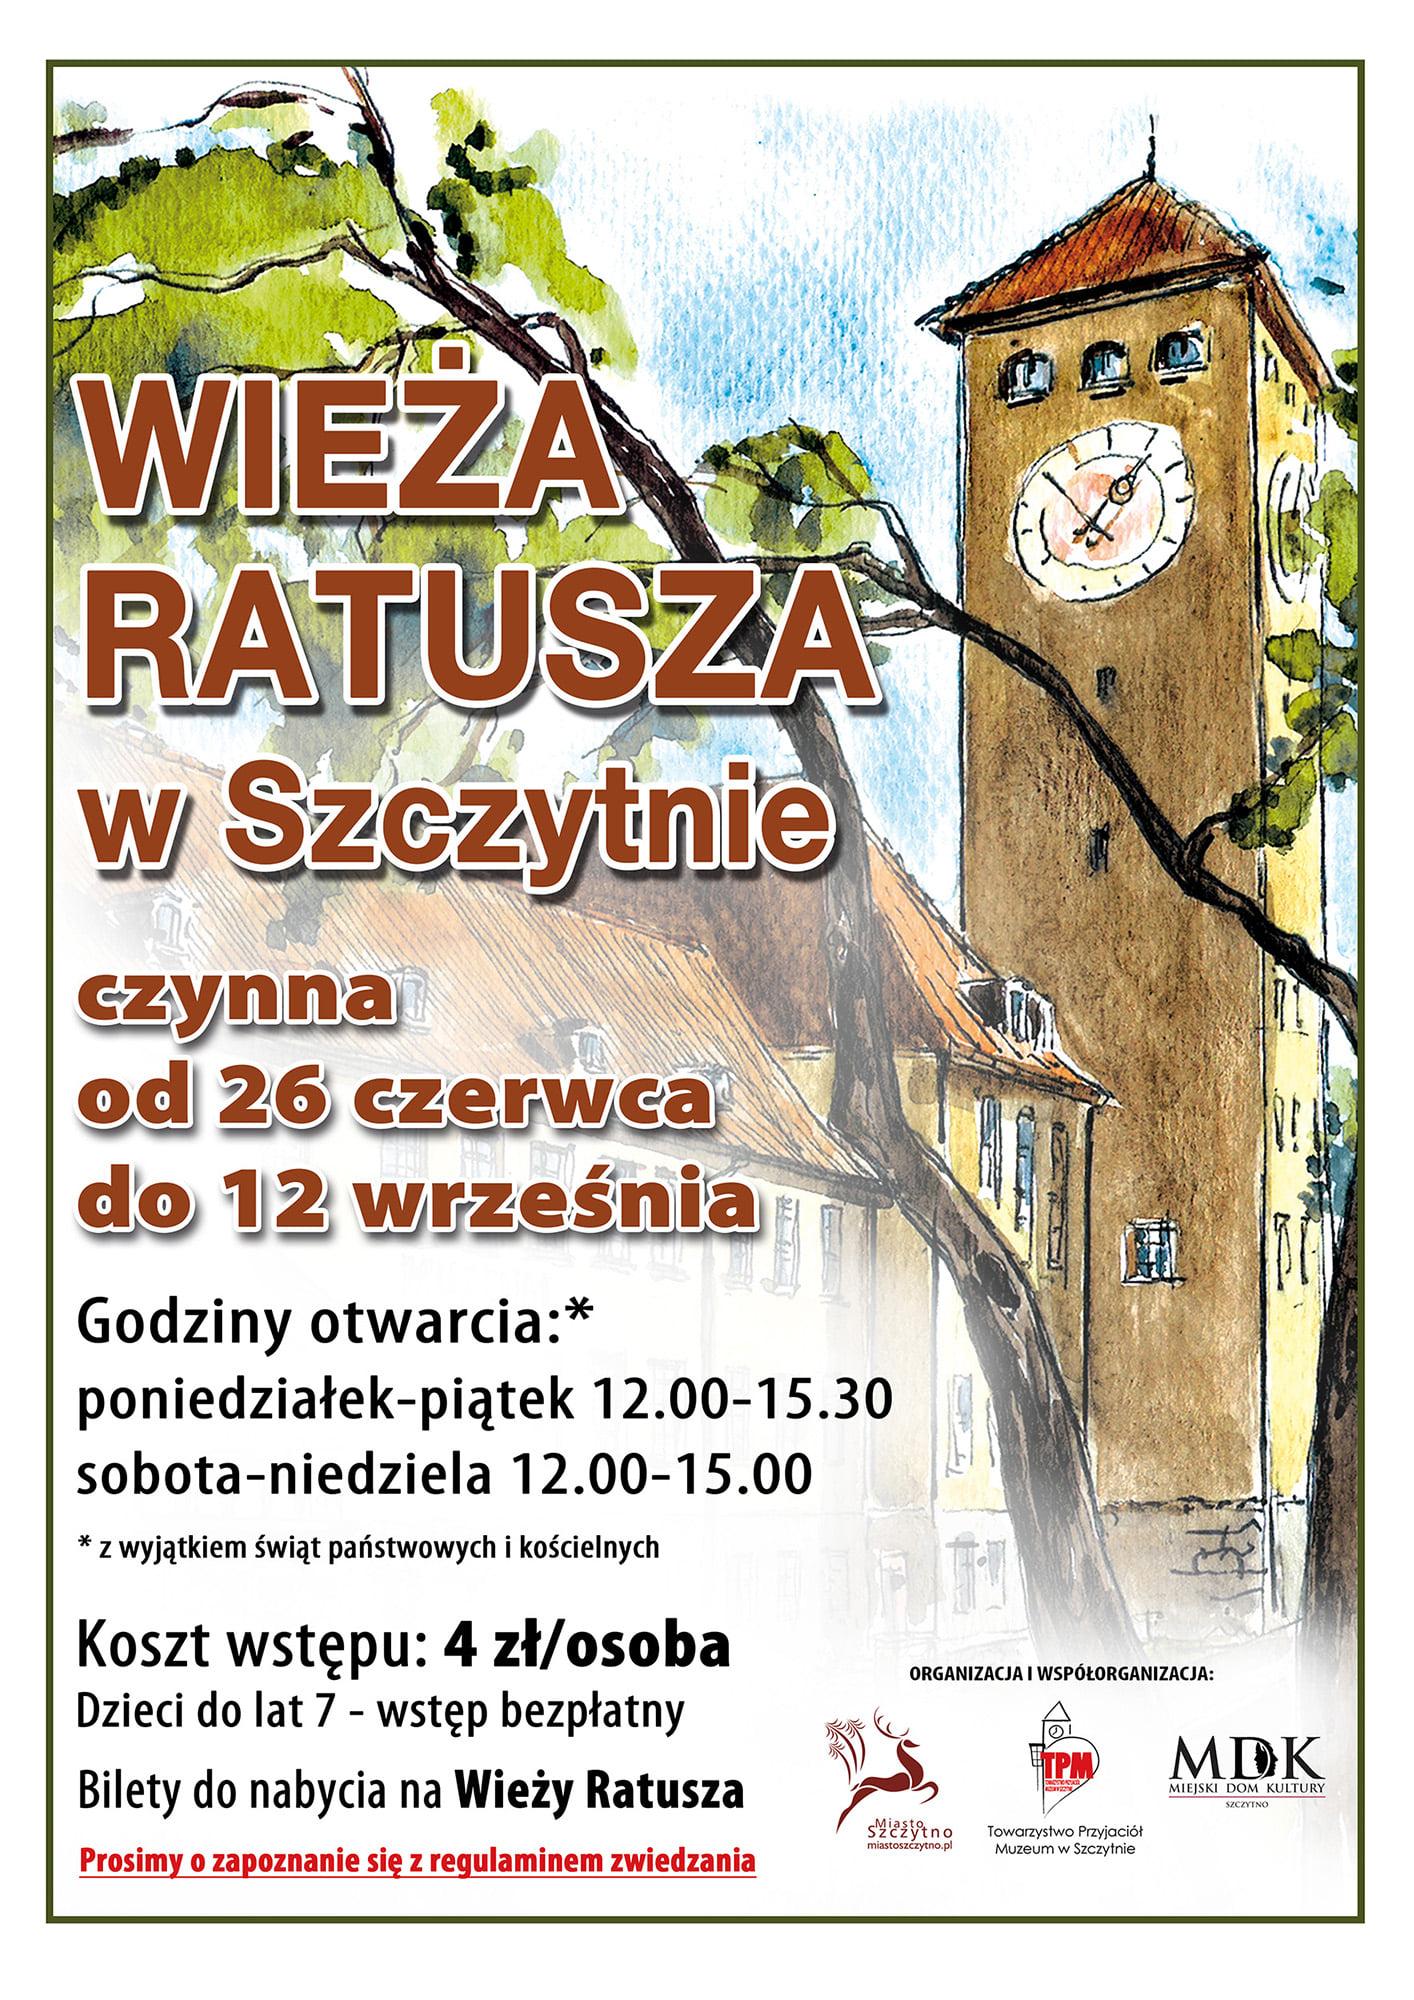 https://m.powiatszczycienski.pl/2021/06/orig/205328789-3895088343934925-2070139775958659579-n-41458.jpg